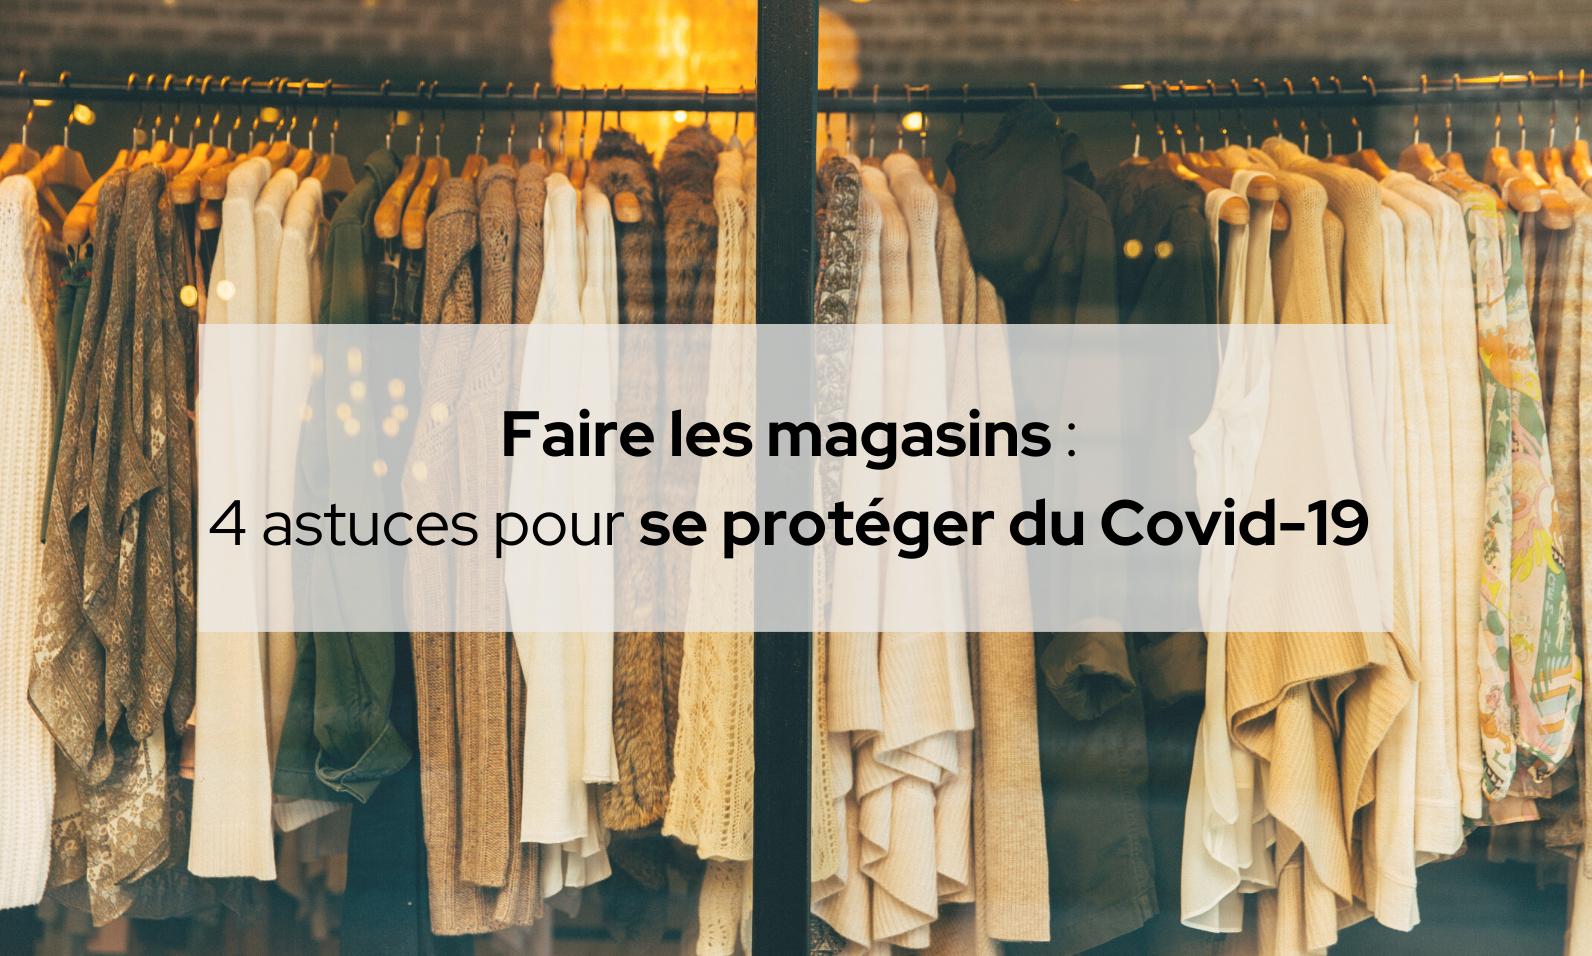 Faire les magasins : 4 astuces pour se protéger du Covid-19